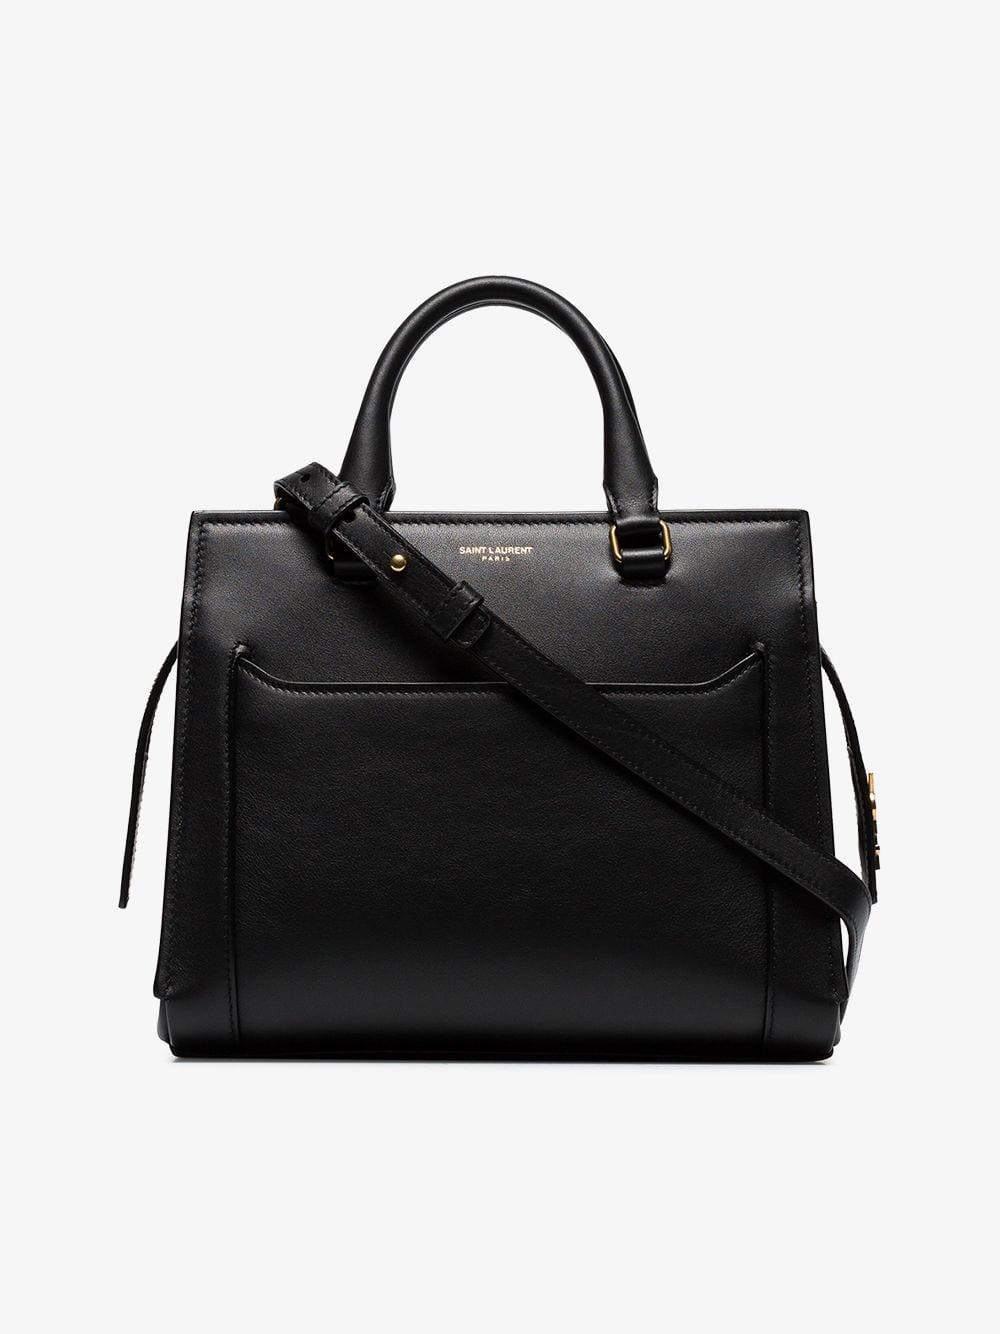 3d701fed9eae Saint Laurent Eastside Baby Cabas Shoulder Bag in Black - Lyst